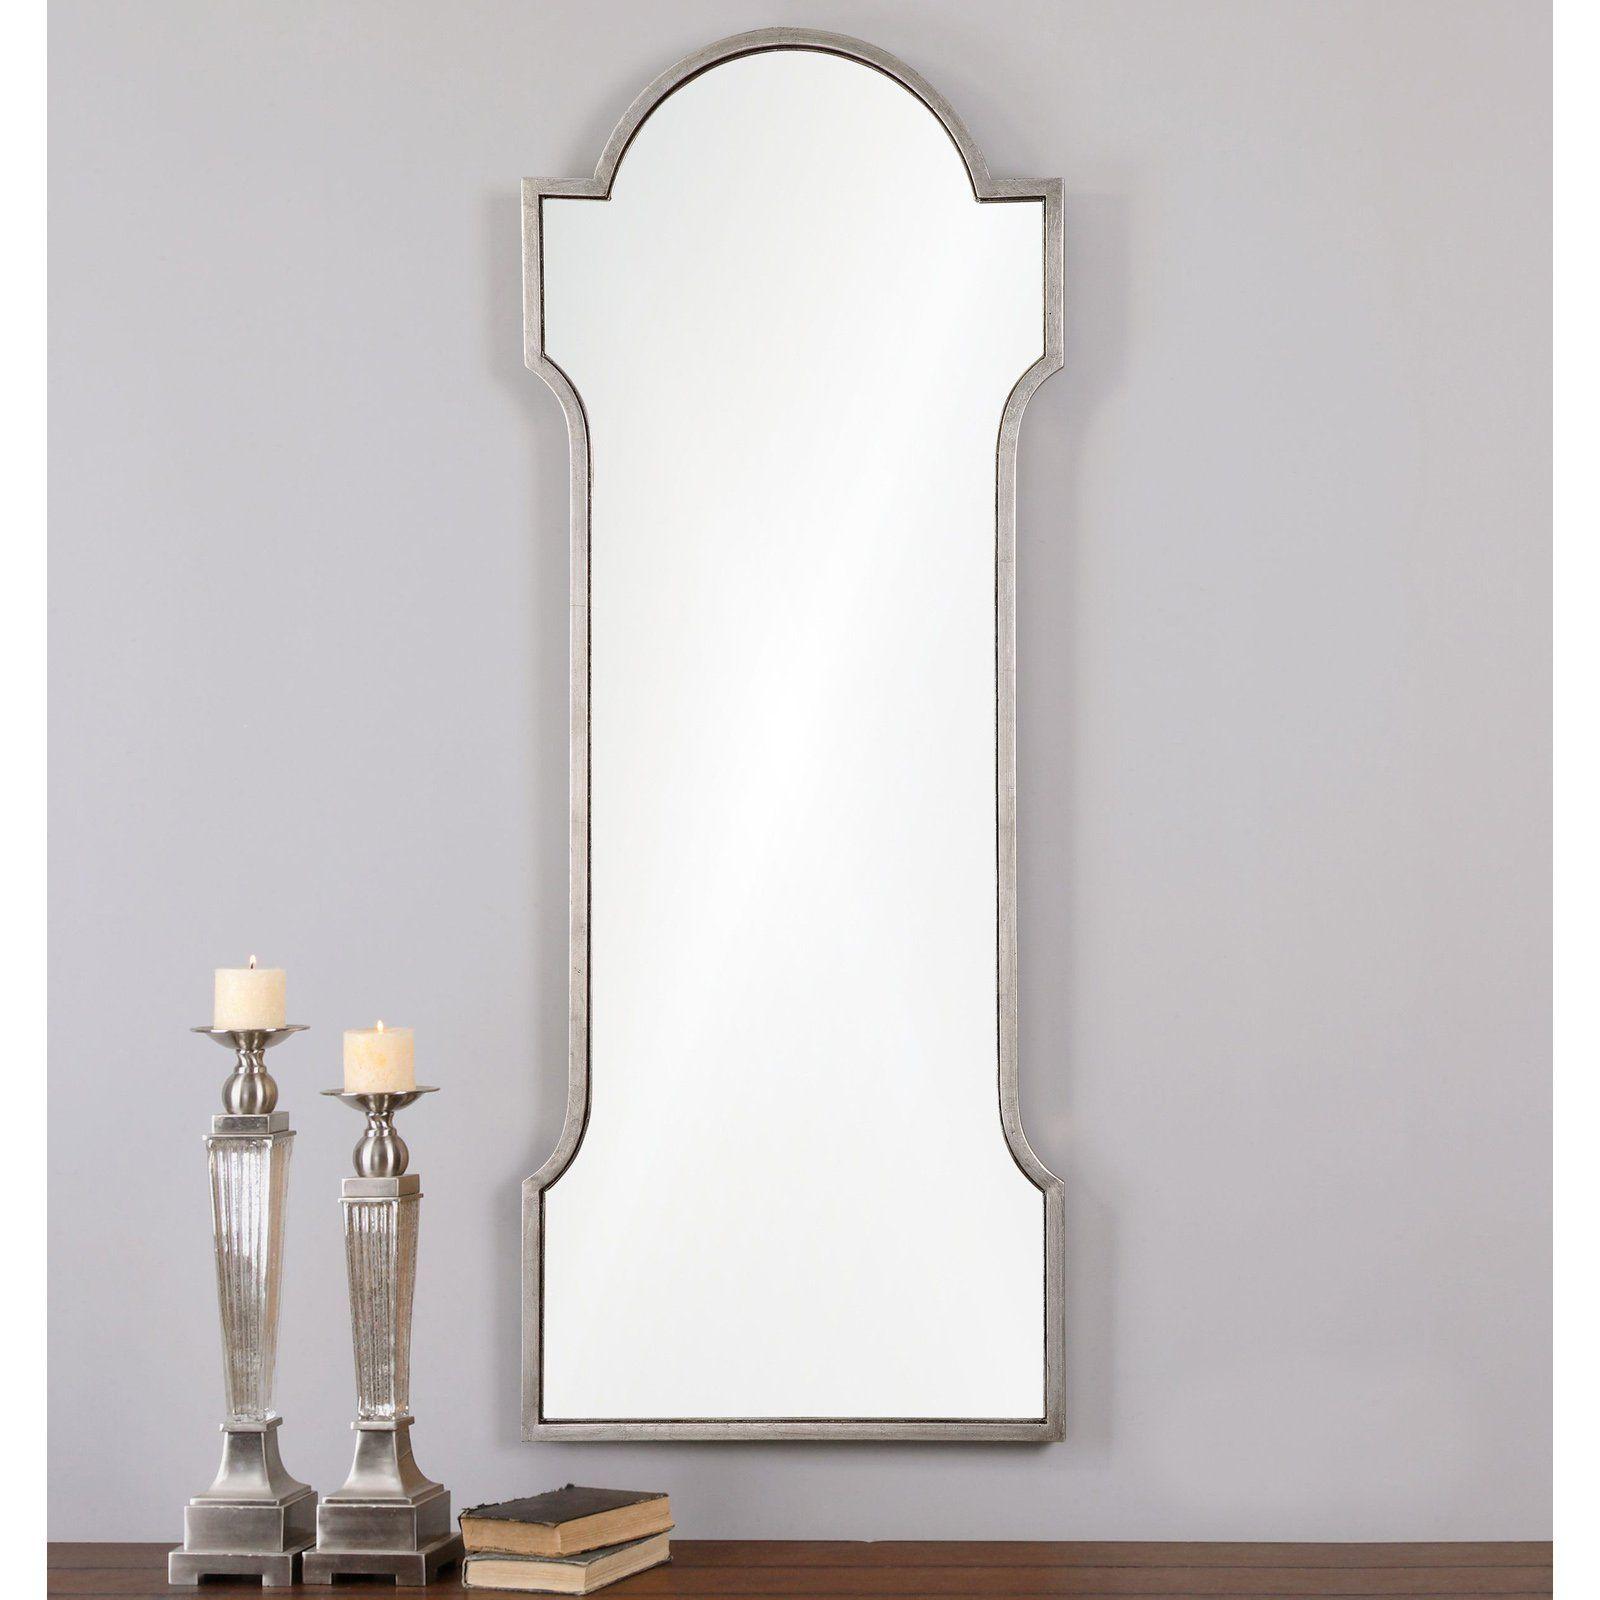 Uttermost Jovita Wall Mirror - 24W x 62H in. - 13875